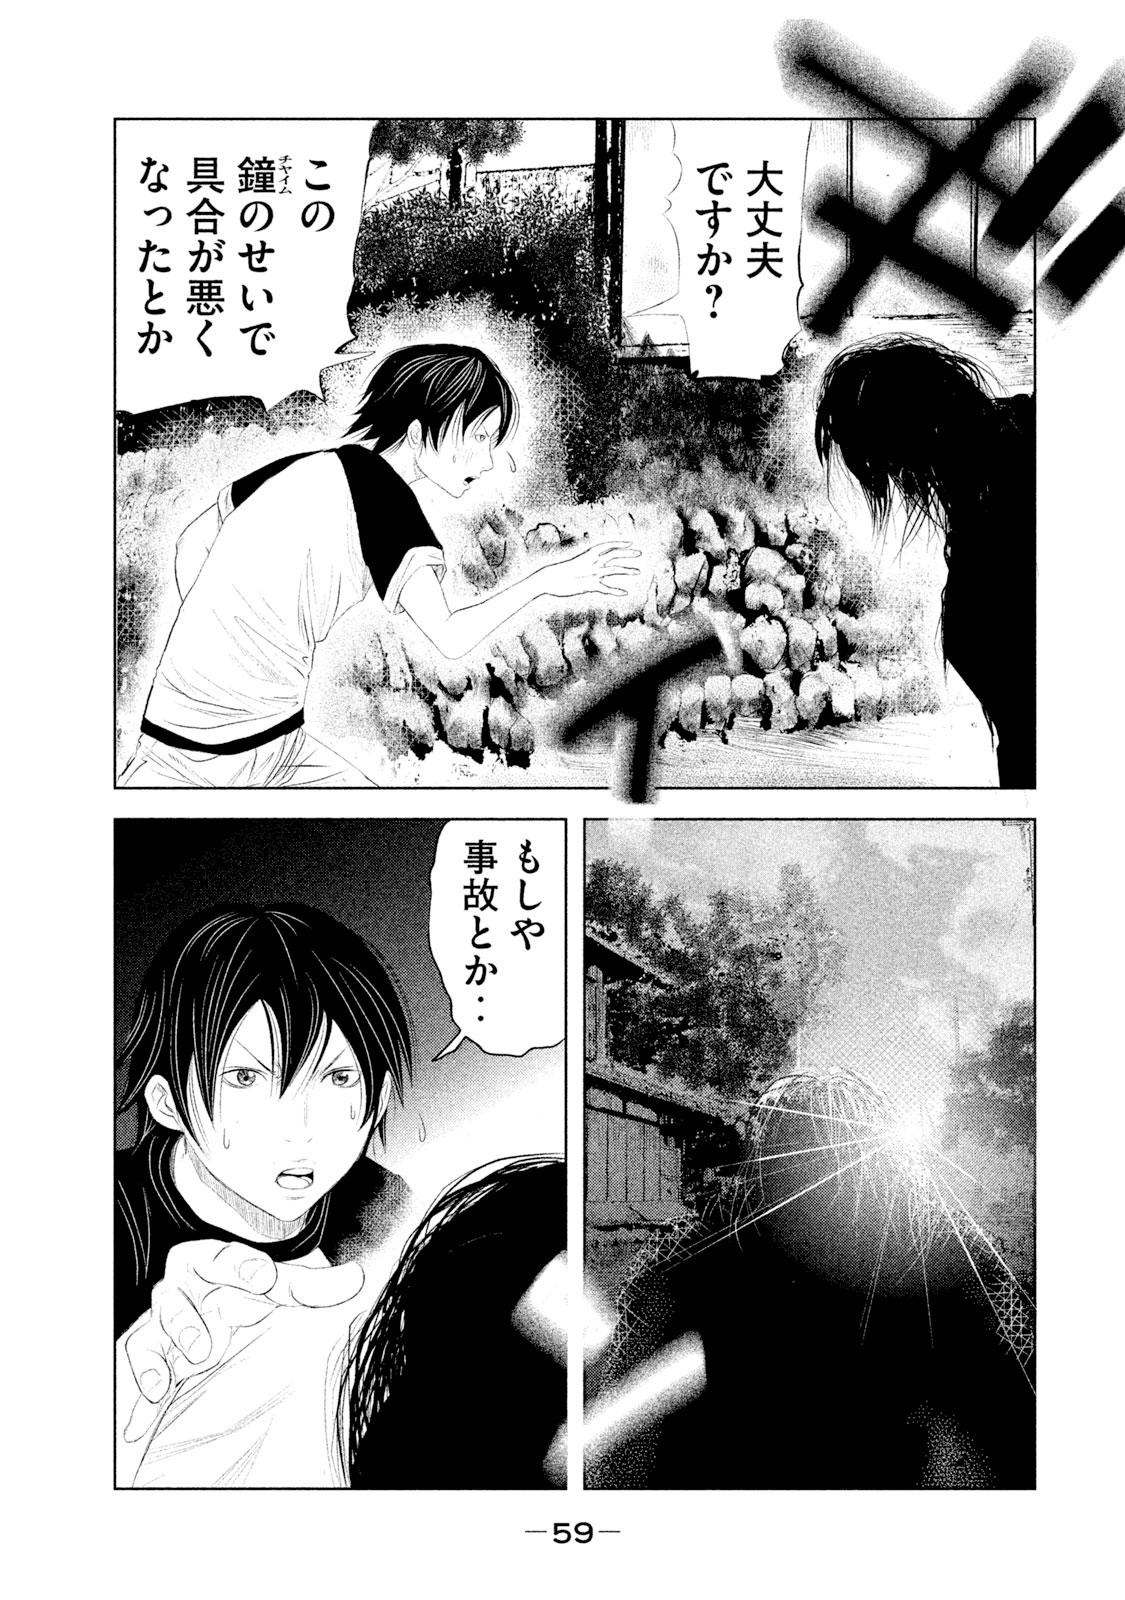 #3 冥奴様(メイドさま)(1)